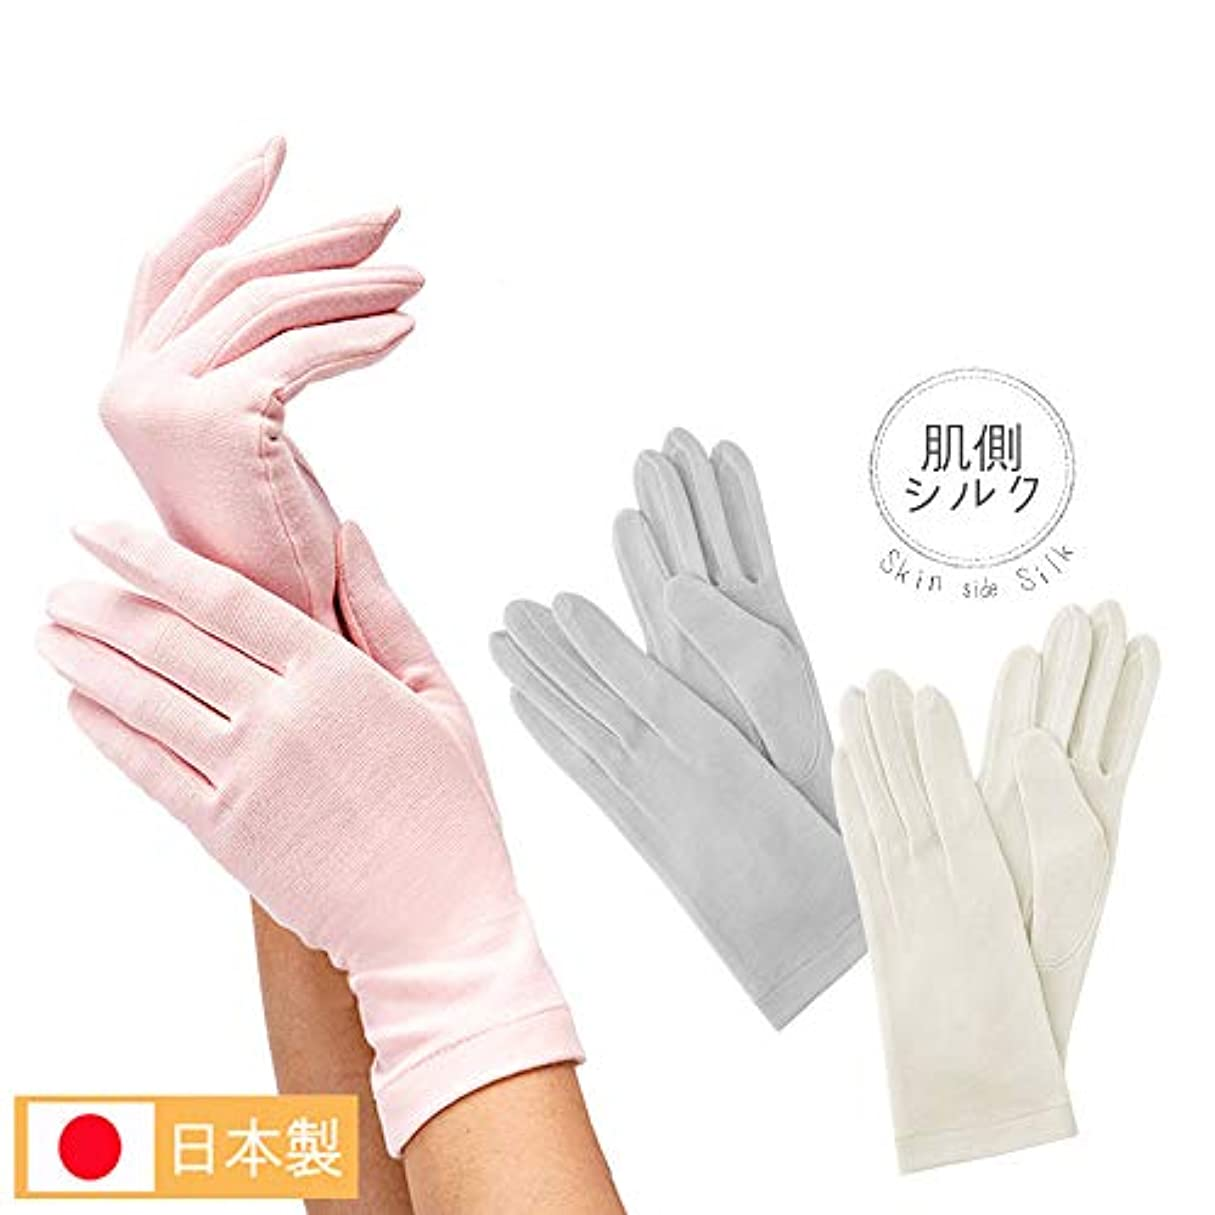 ファンタジーピンクキャメルG12-0071_PK 就寝用 裏シルクうるおい手袋 あったか 薄い 手荒れ ハンドケア 保湿 レディース 女性 おやすみ 寝るとき 日本製 ピンク